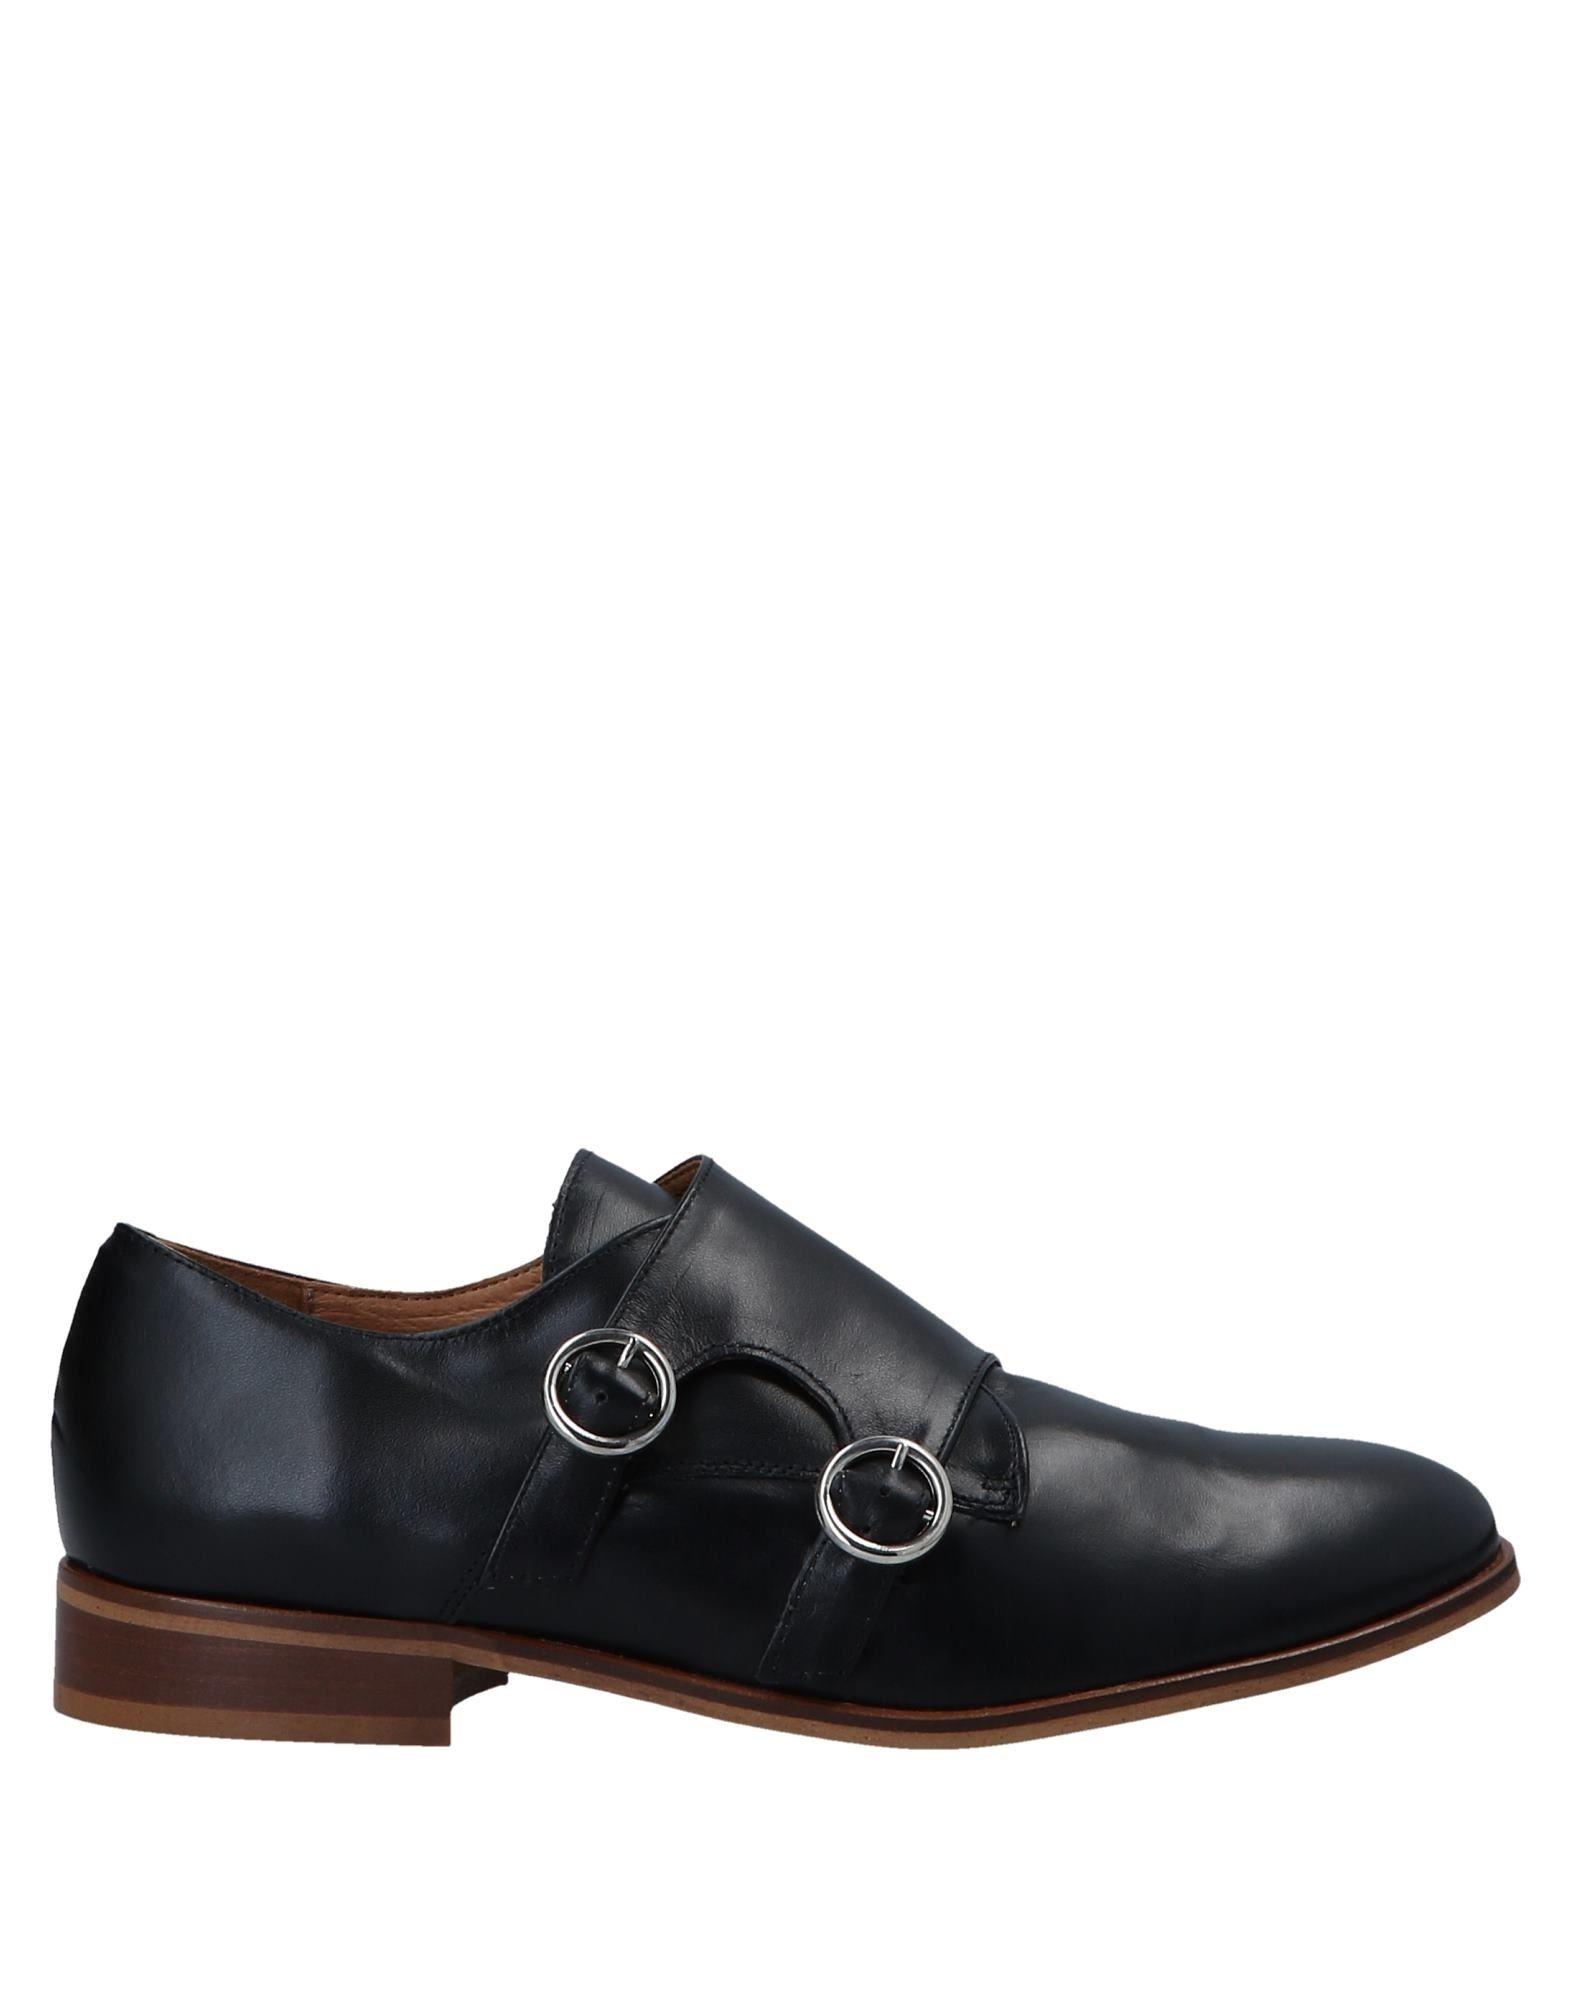 Apologie Mokassins Damen  11548235II Gute Qualität beliebte Schuhe